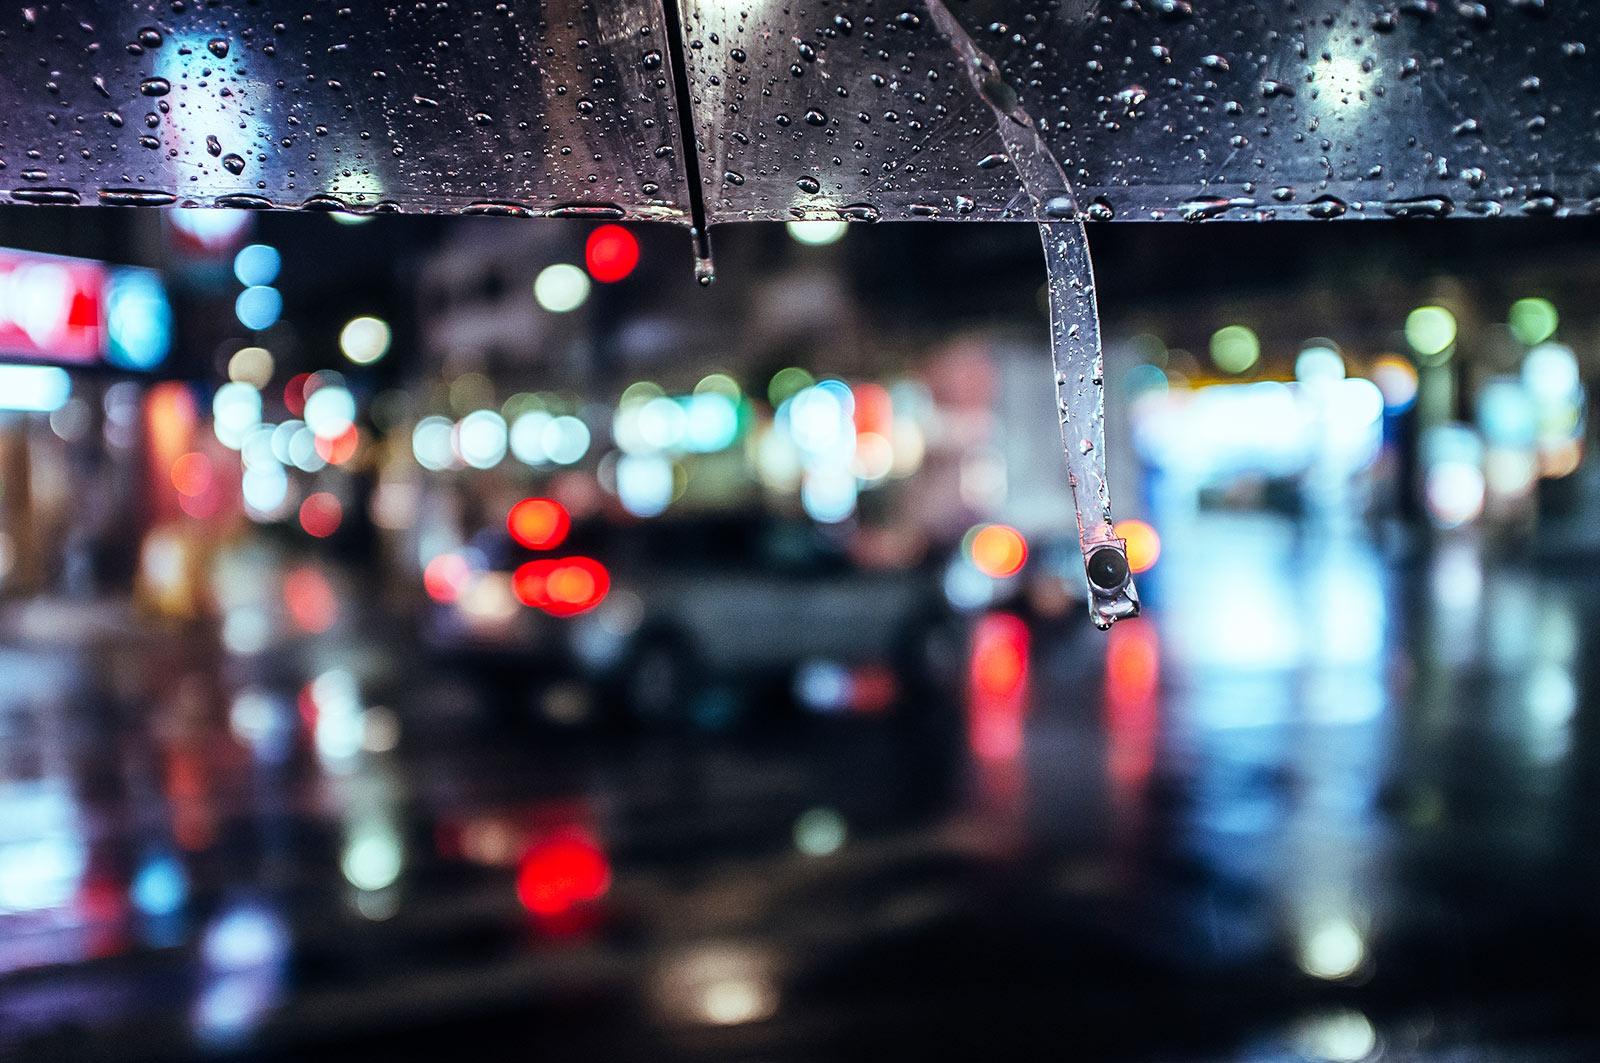 Deine ultimative Klamotten Packliste für kühle und regnerische Reiseziele